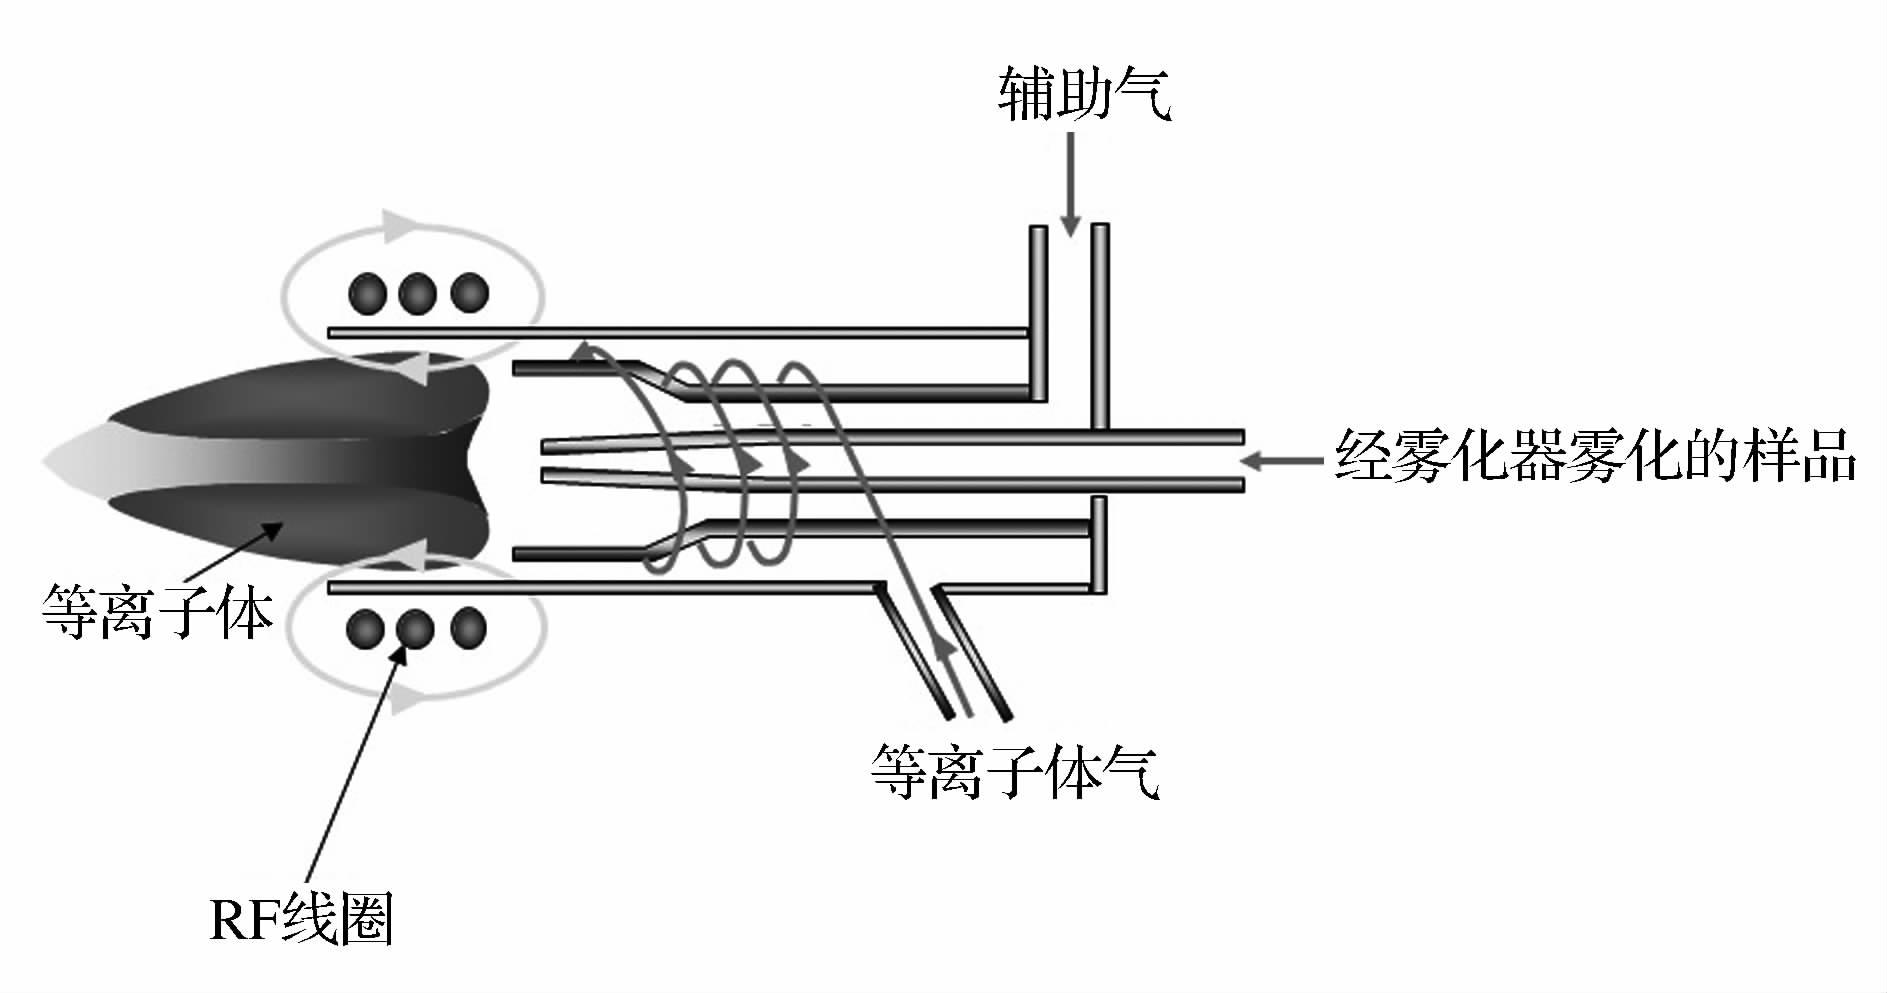 等离子体源结构示意图